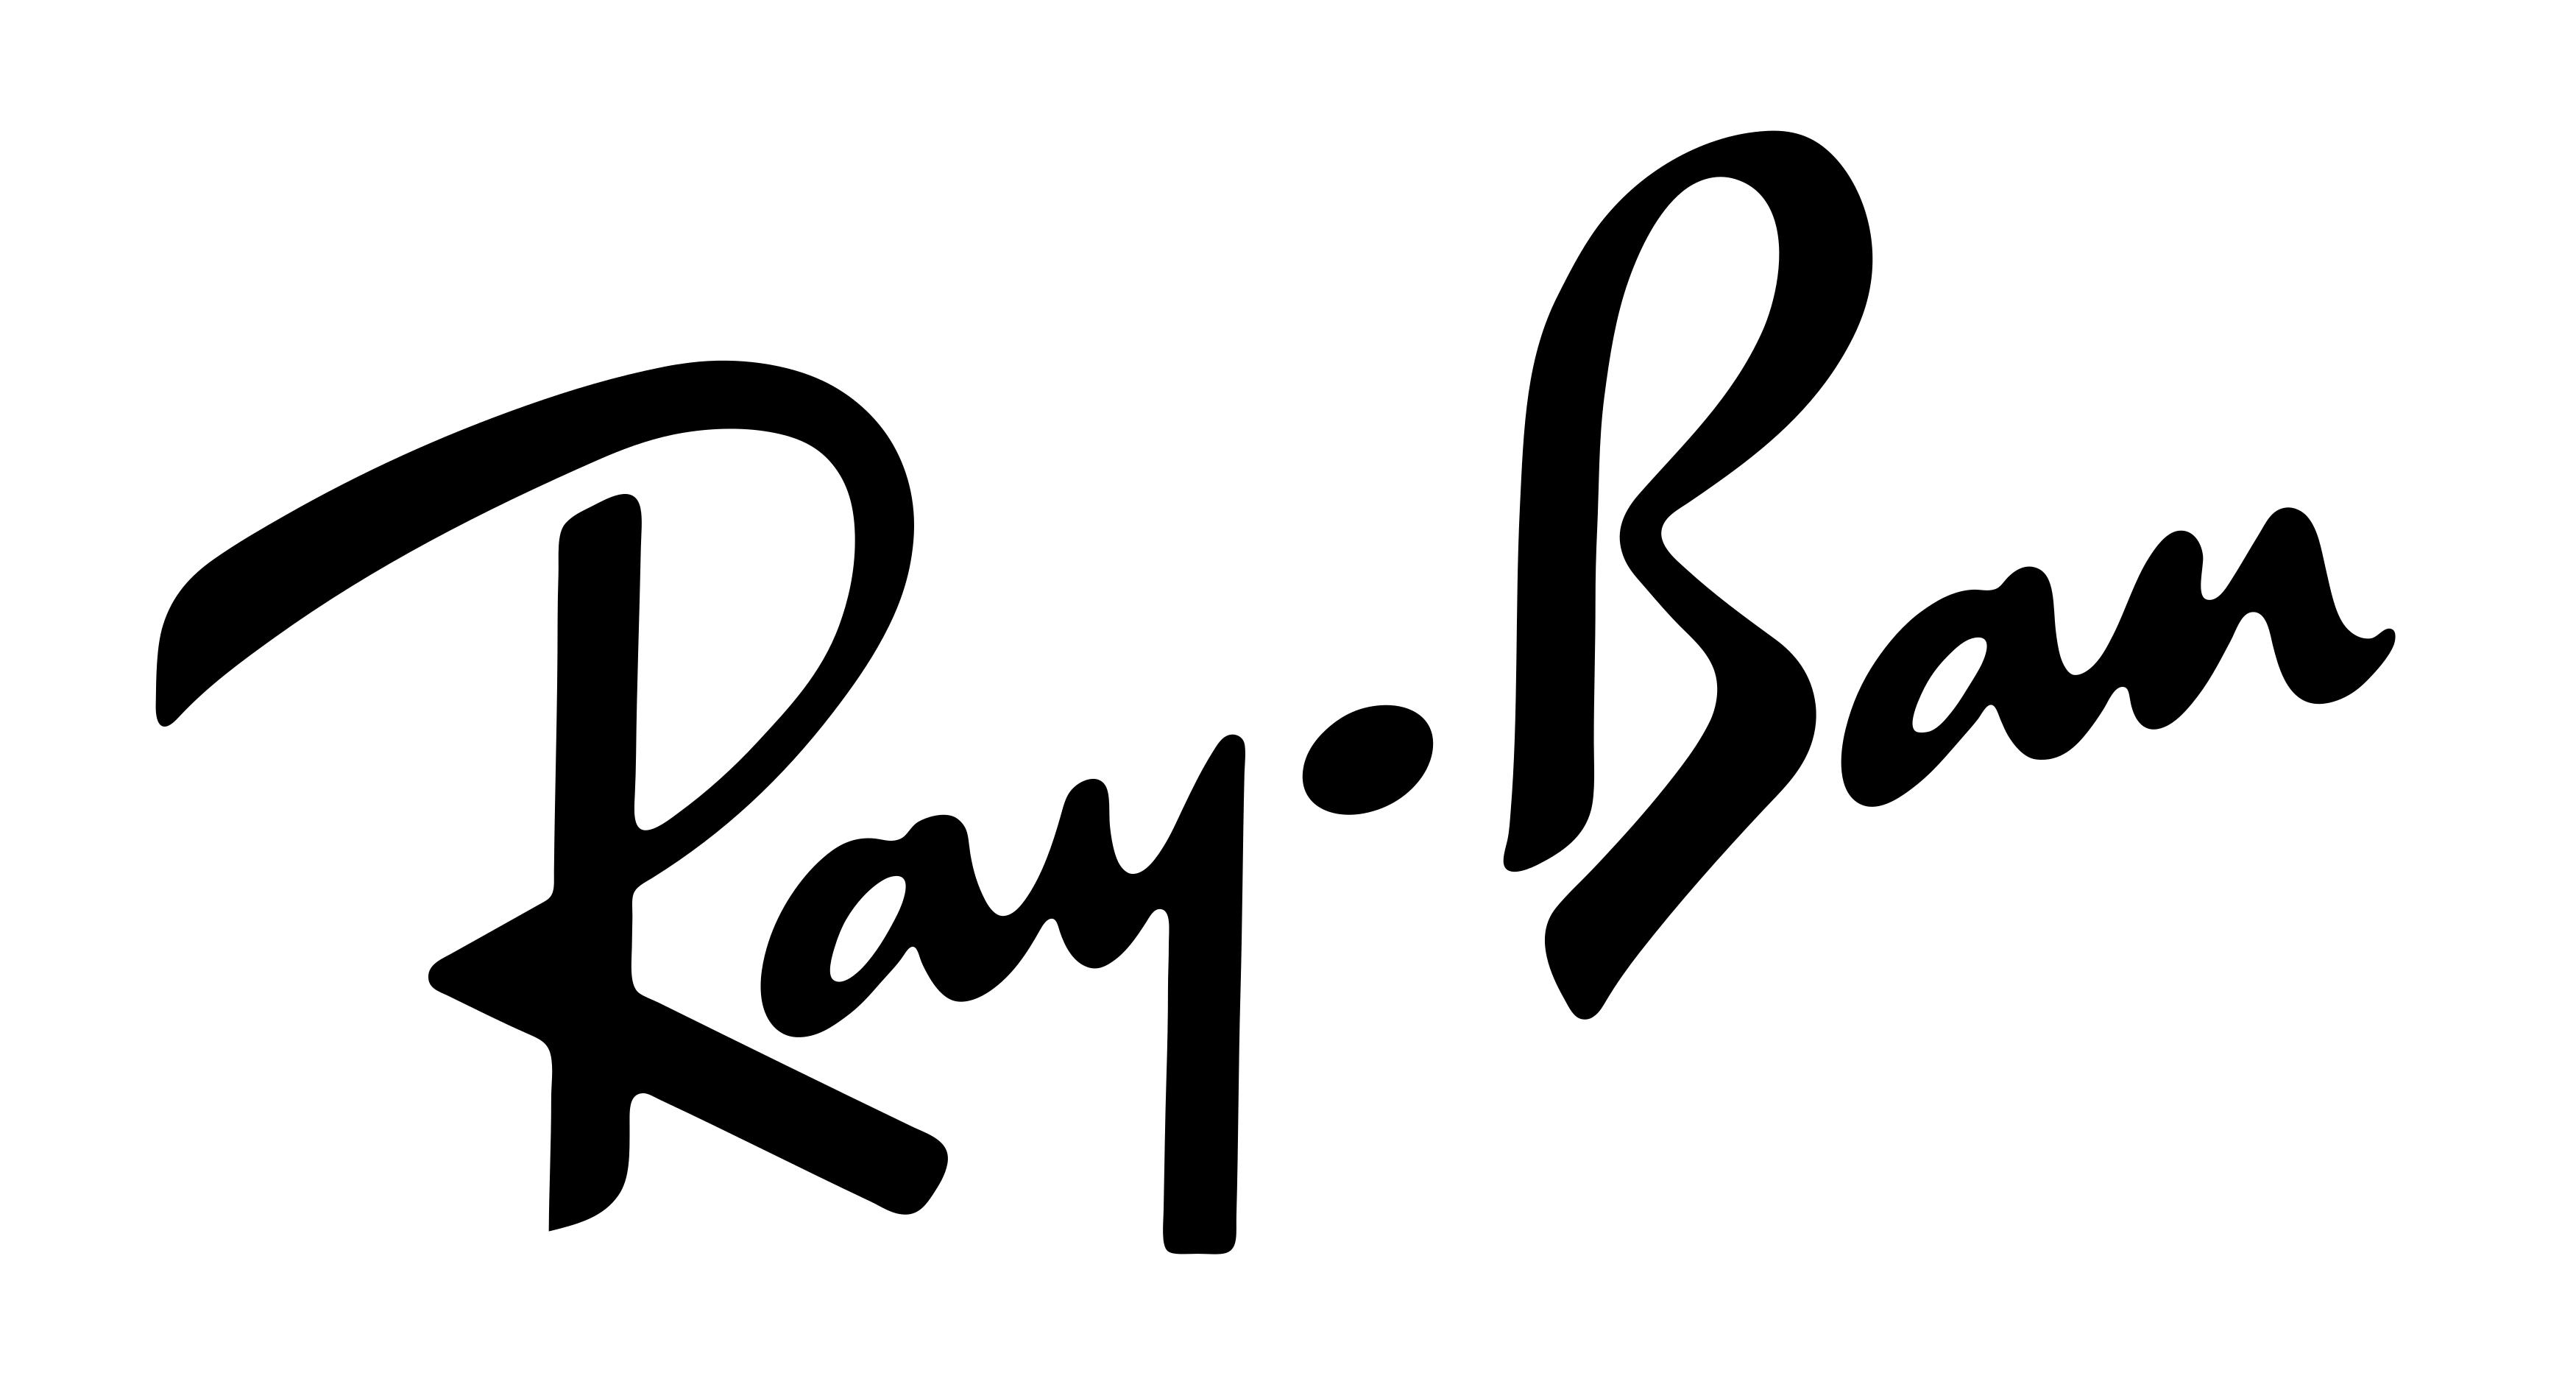 ray ban logo 3 - Ray-Ban Logo